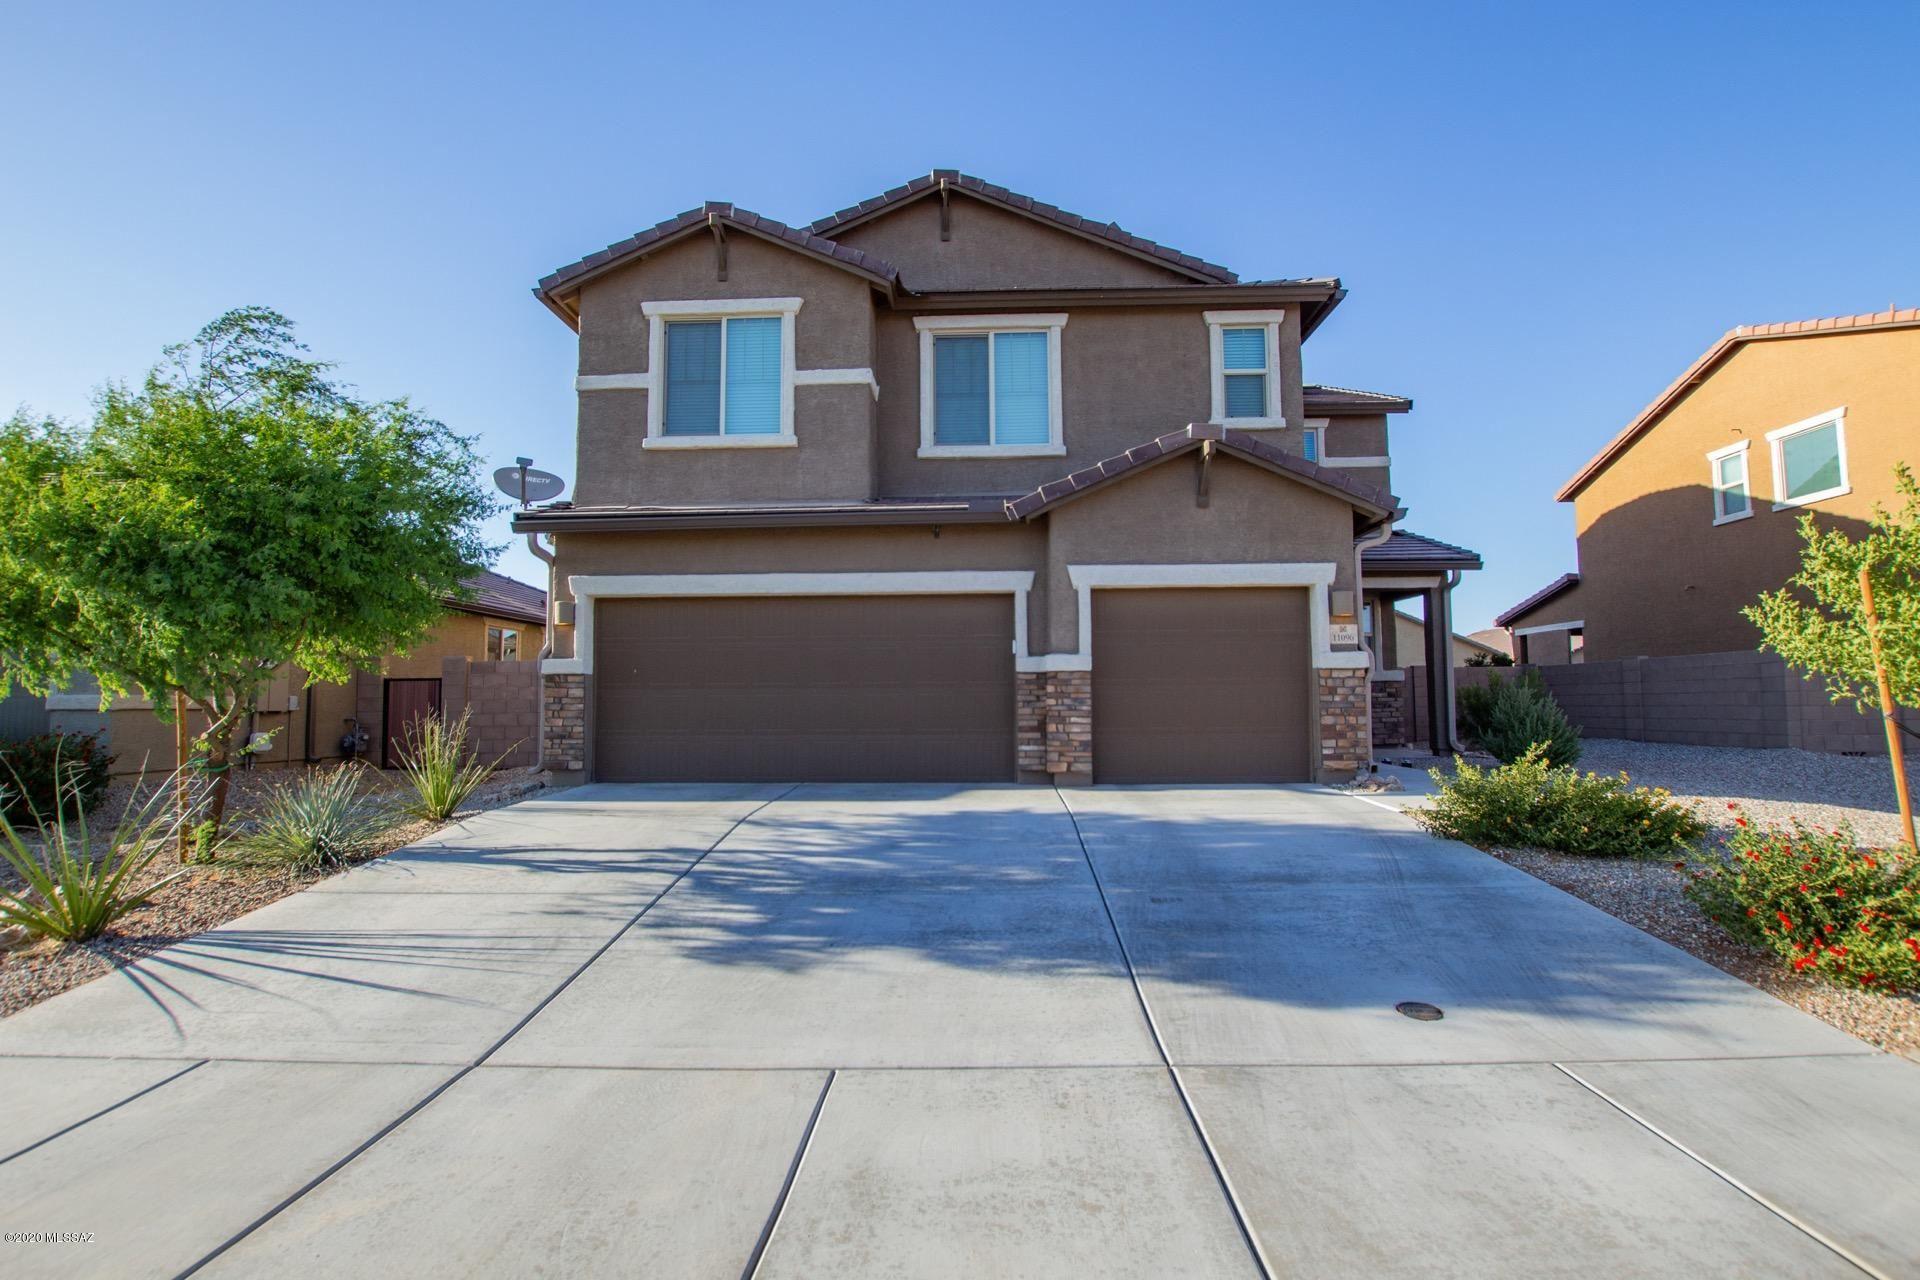 11096 W Dawnlight Drive, Marana, AZ 85653 - MLS#: 22016313